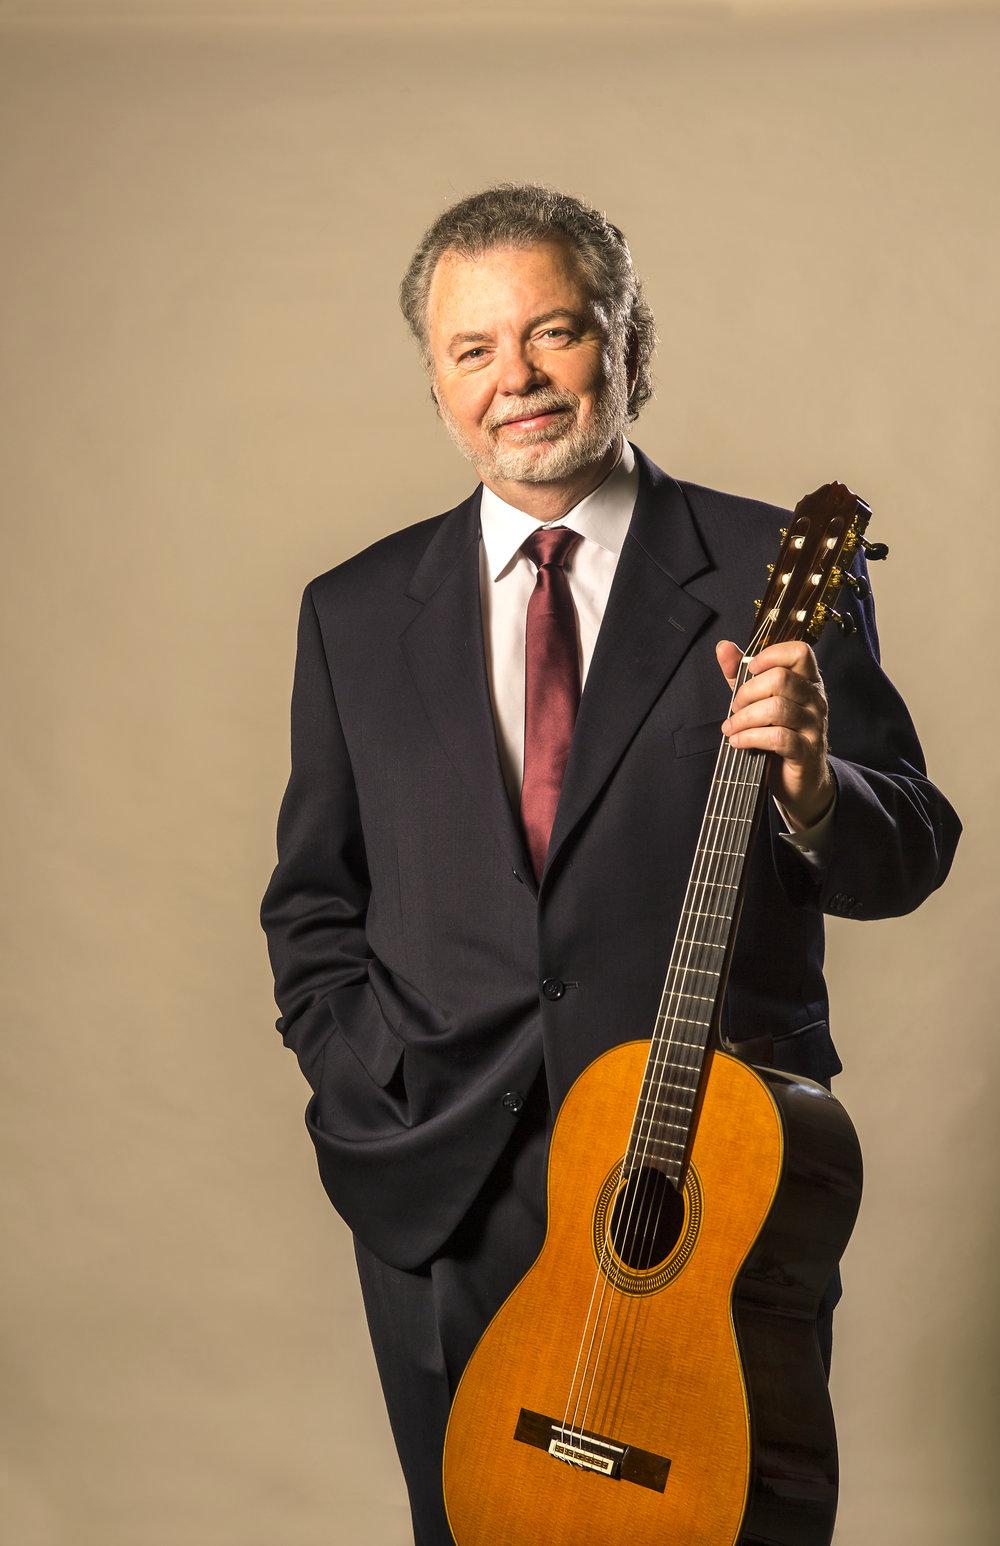 Manuel Barrueco, guitar